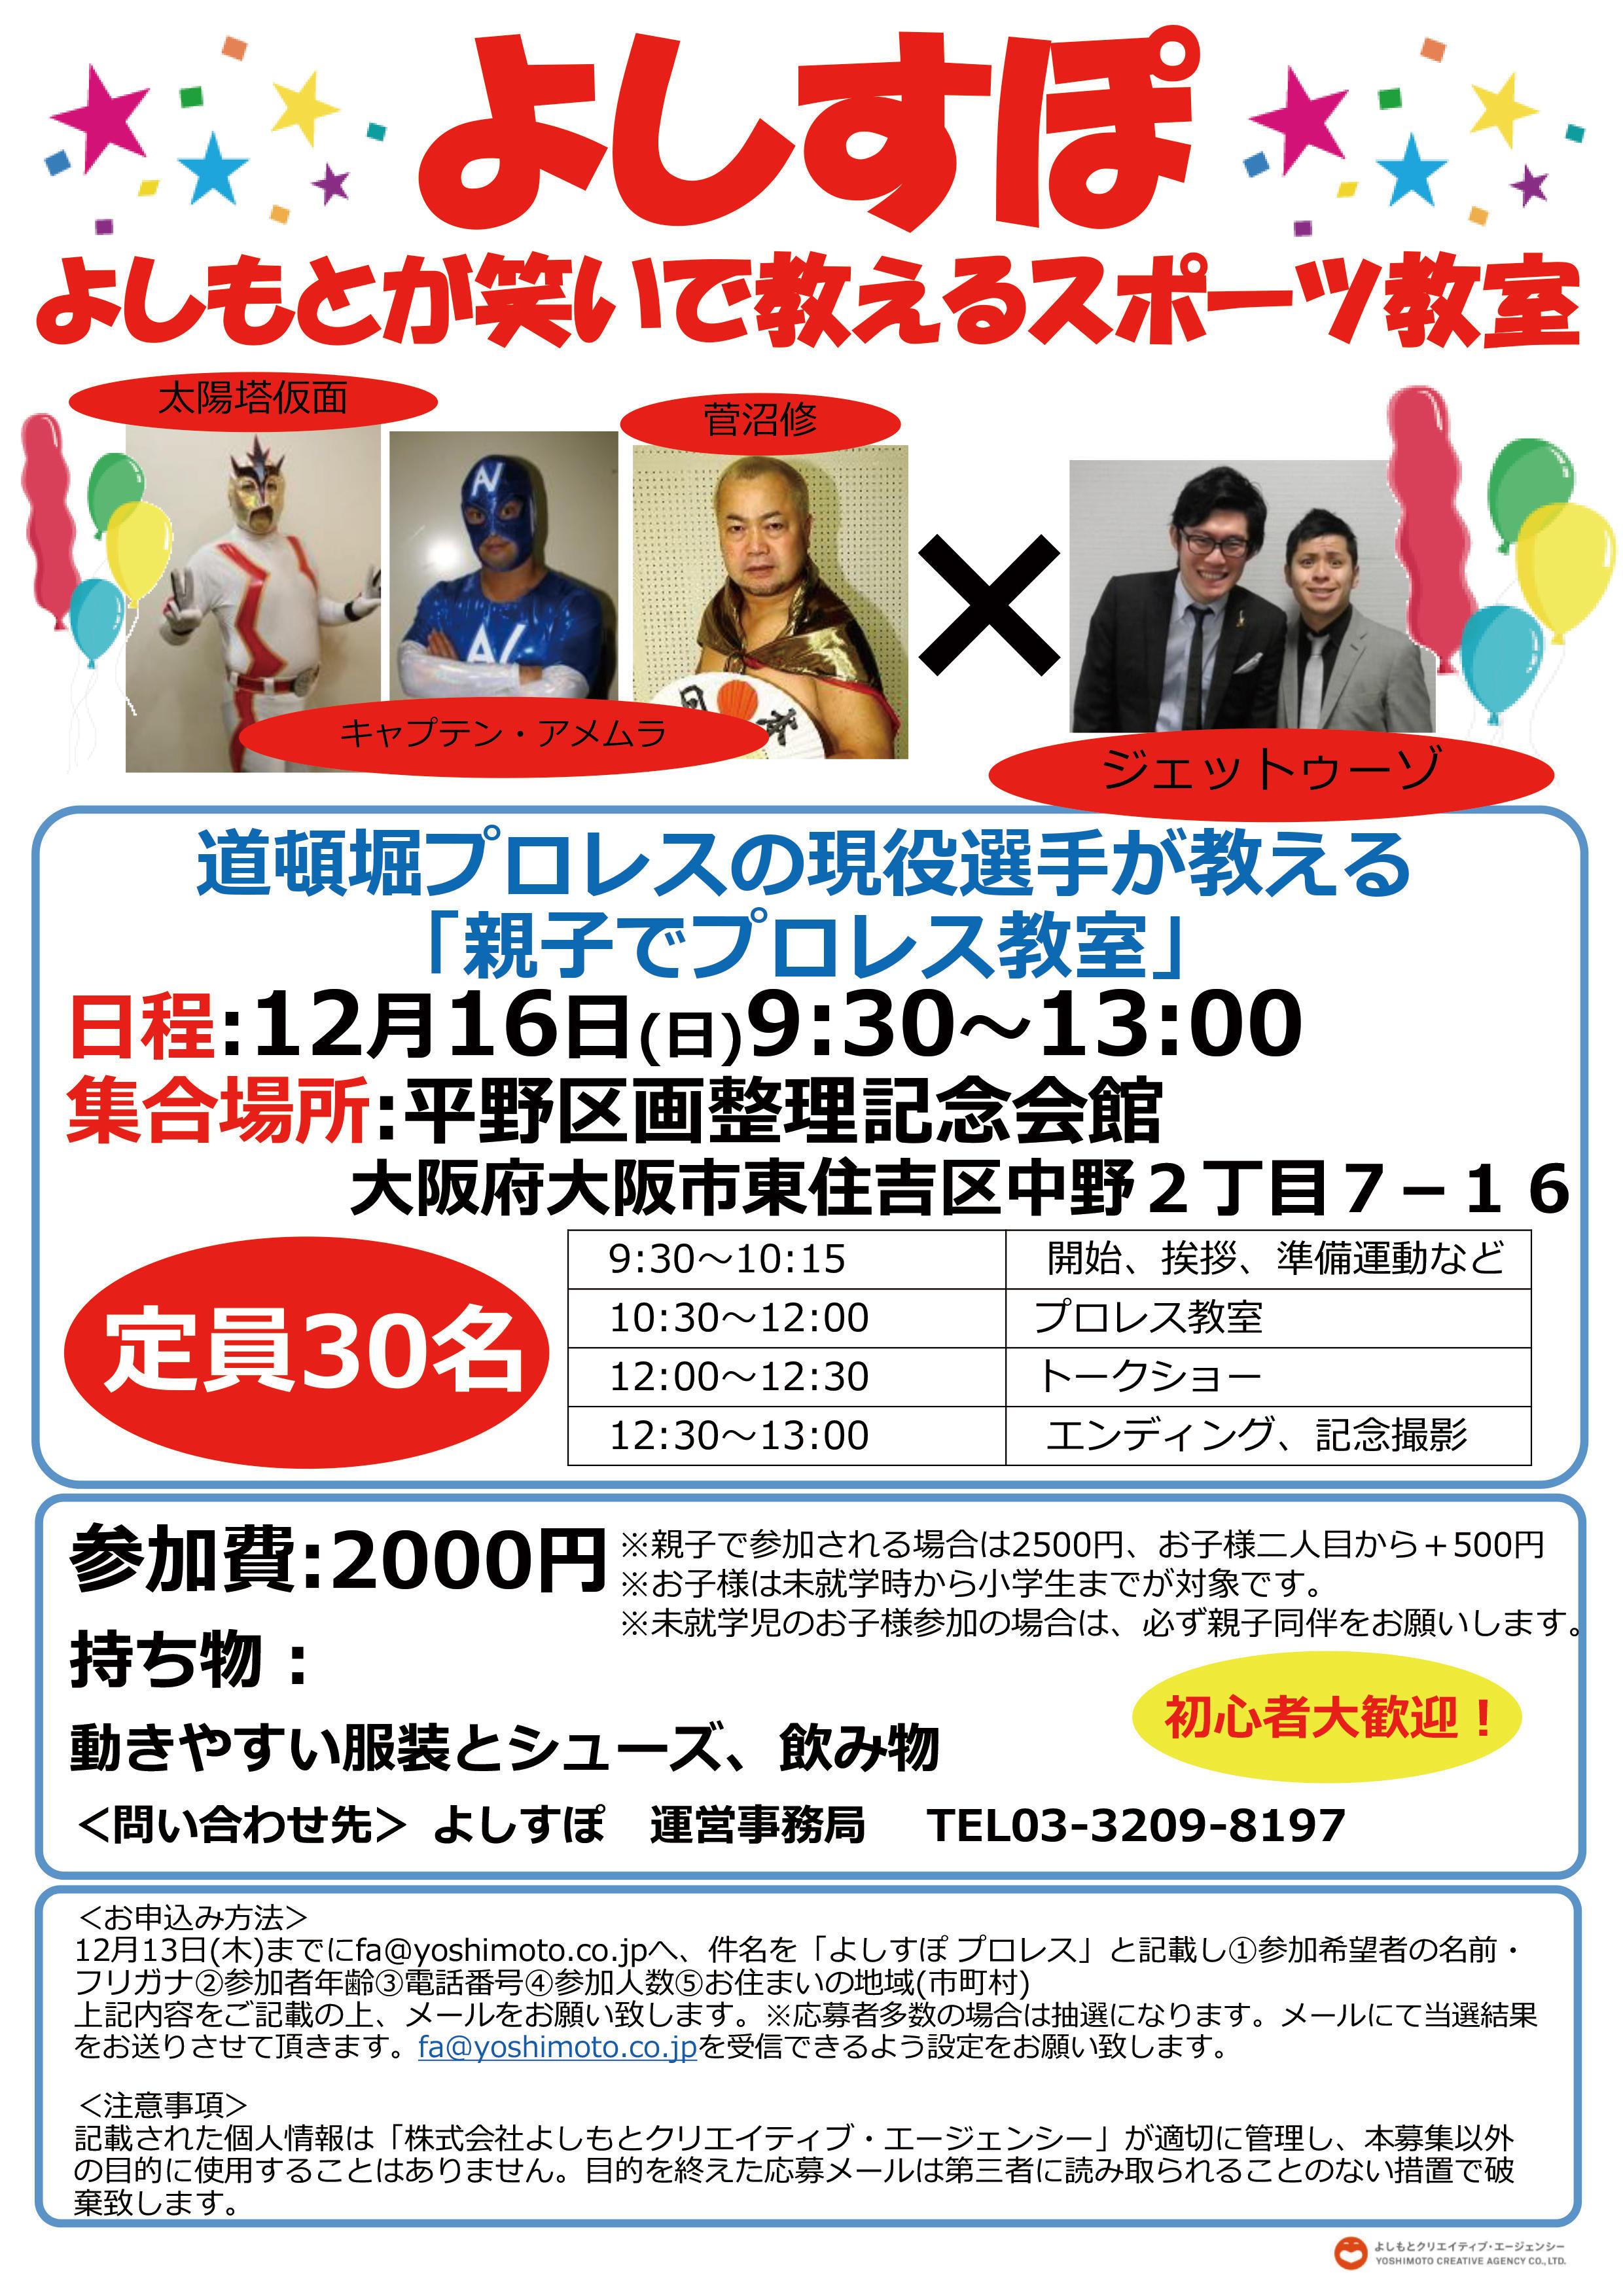 http://news.yoshimoto.co.jp/20181005172520-2fdbcec2ecd6aa299107f612ca108b739a1bbc0e.jpg